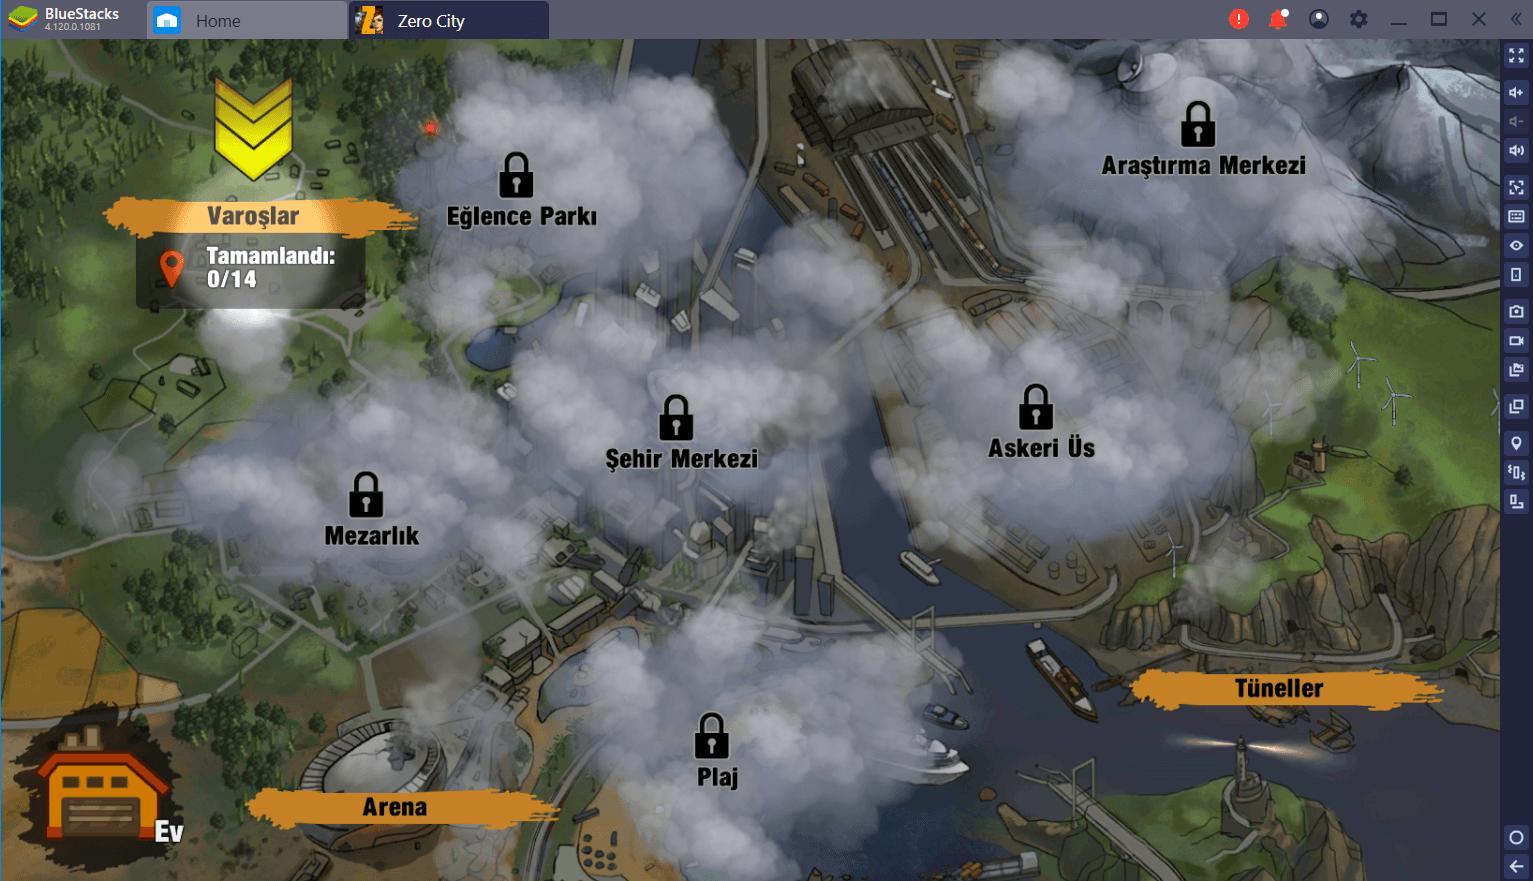 Zero City: Zombi Barınağı Hayatta Kalma Simülatörü – Yeni Başlayanlar İçin Yararlı Bilgiler